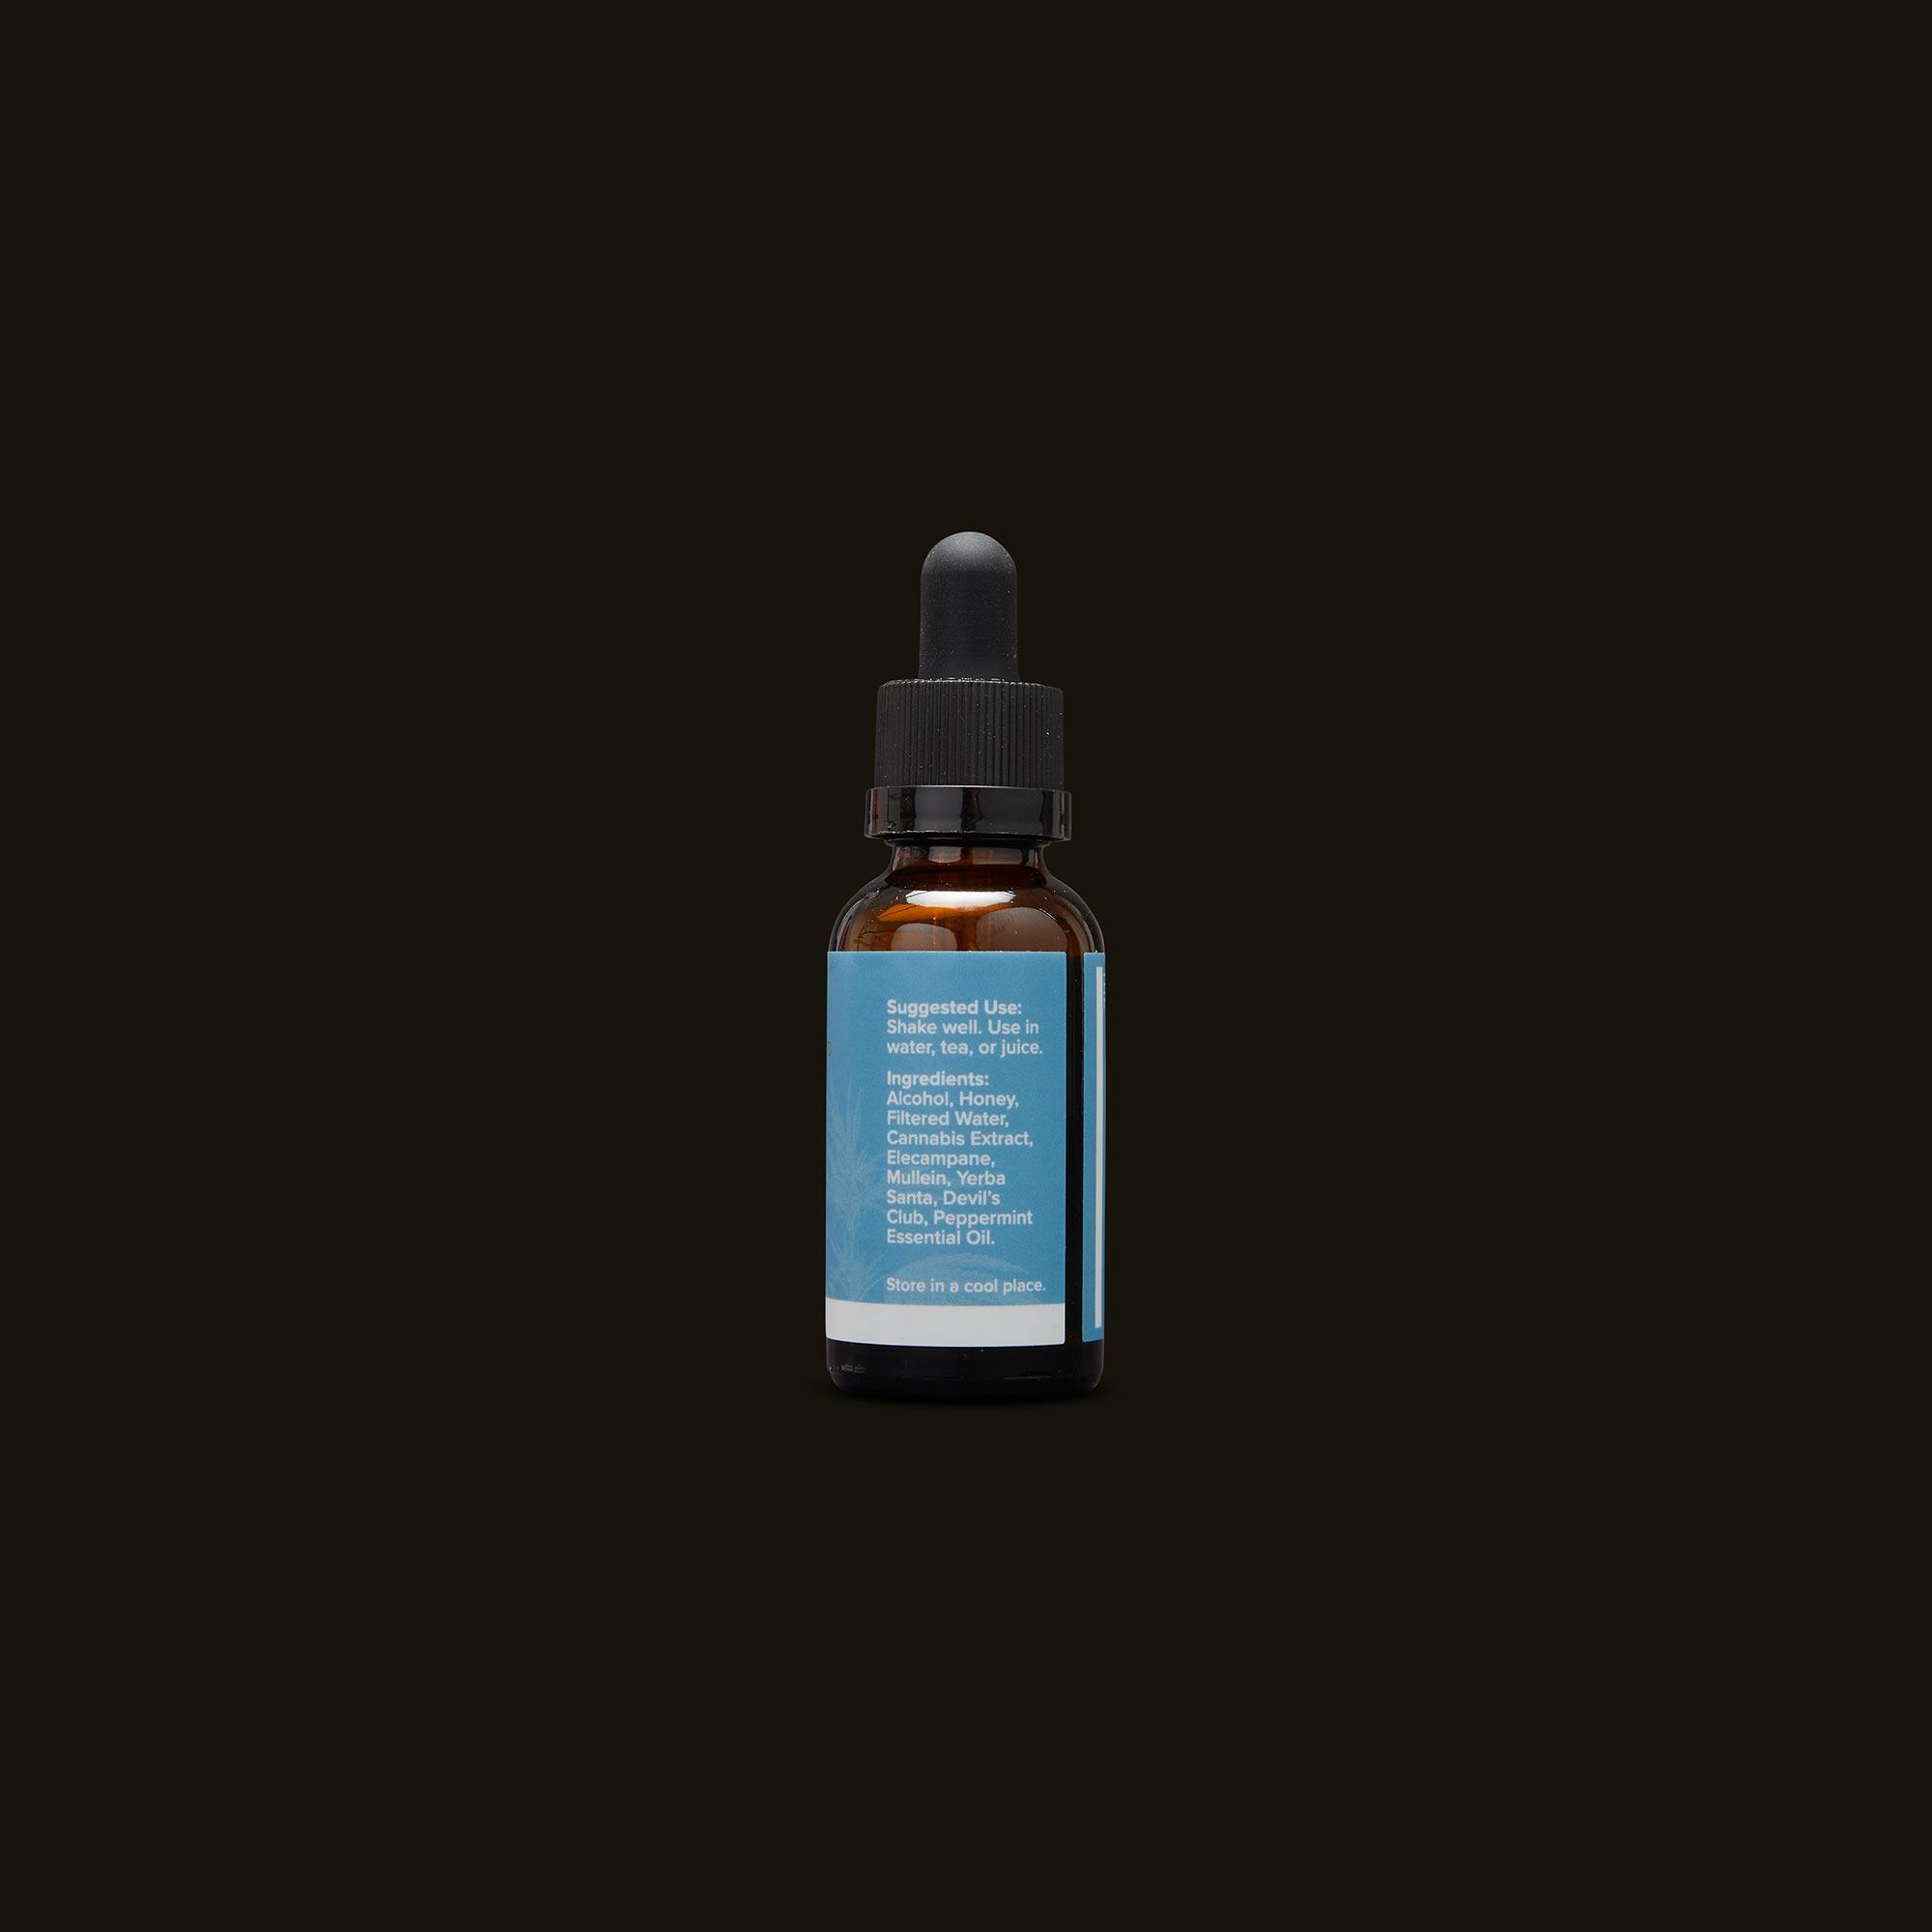 Humboldt Apothecary Breathe Ingredients